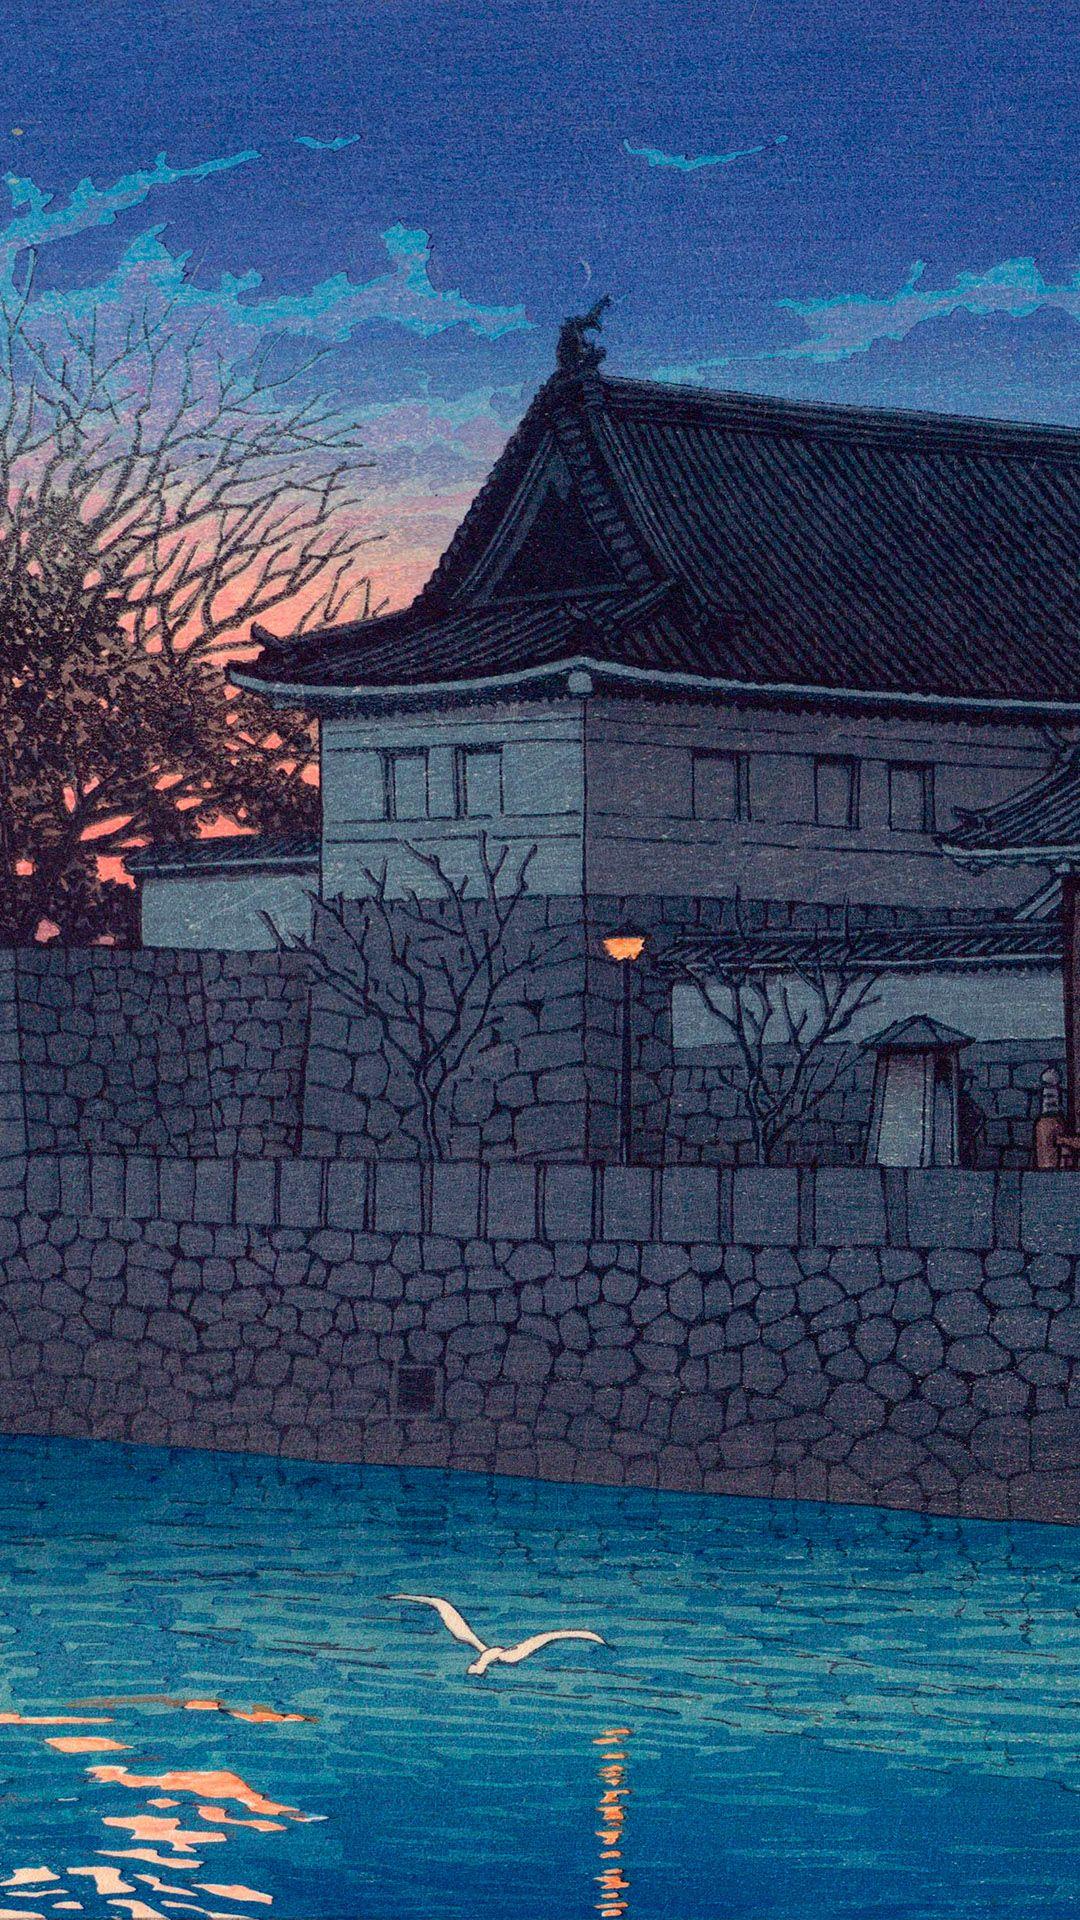 川瀬巴水 東京二十景 平河門 Kawase Hasui Tokyokei Hirakawa Mon 1080 19 壁紙ギャラリー Kagirohi 壁紙アート 川瀬 巴 水 美的芸術